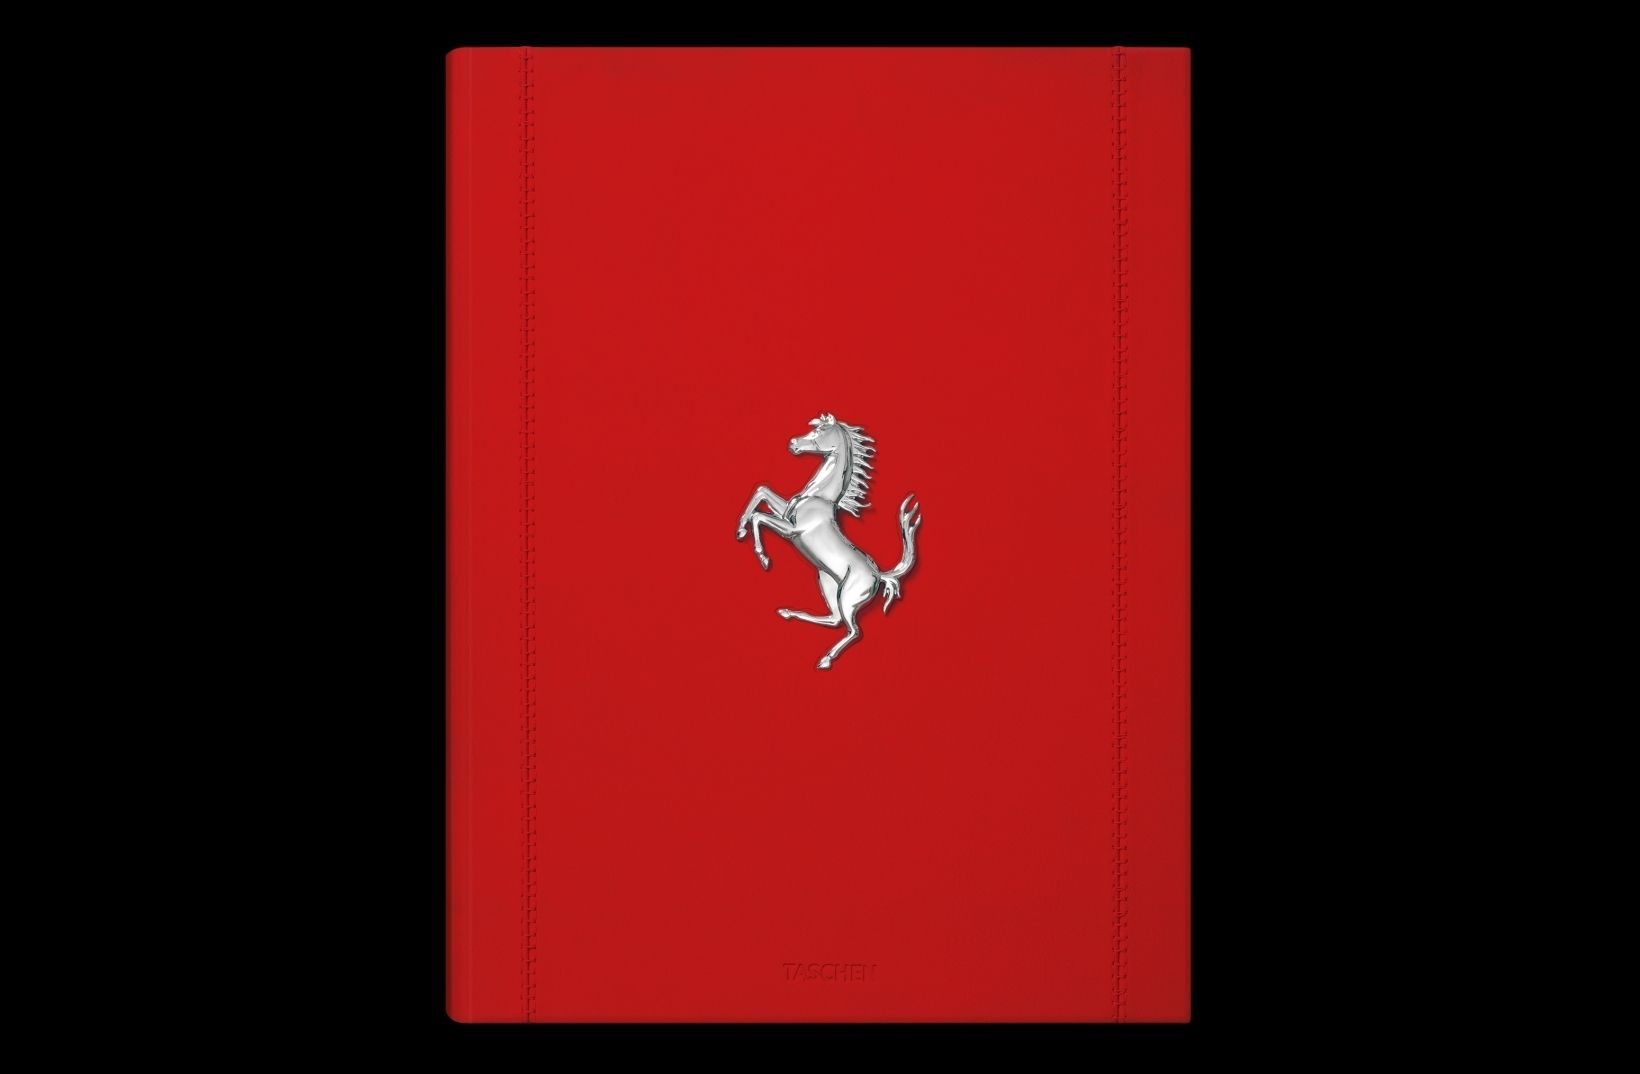 Ferrari Book Cover